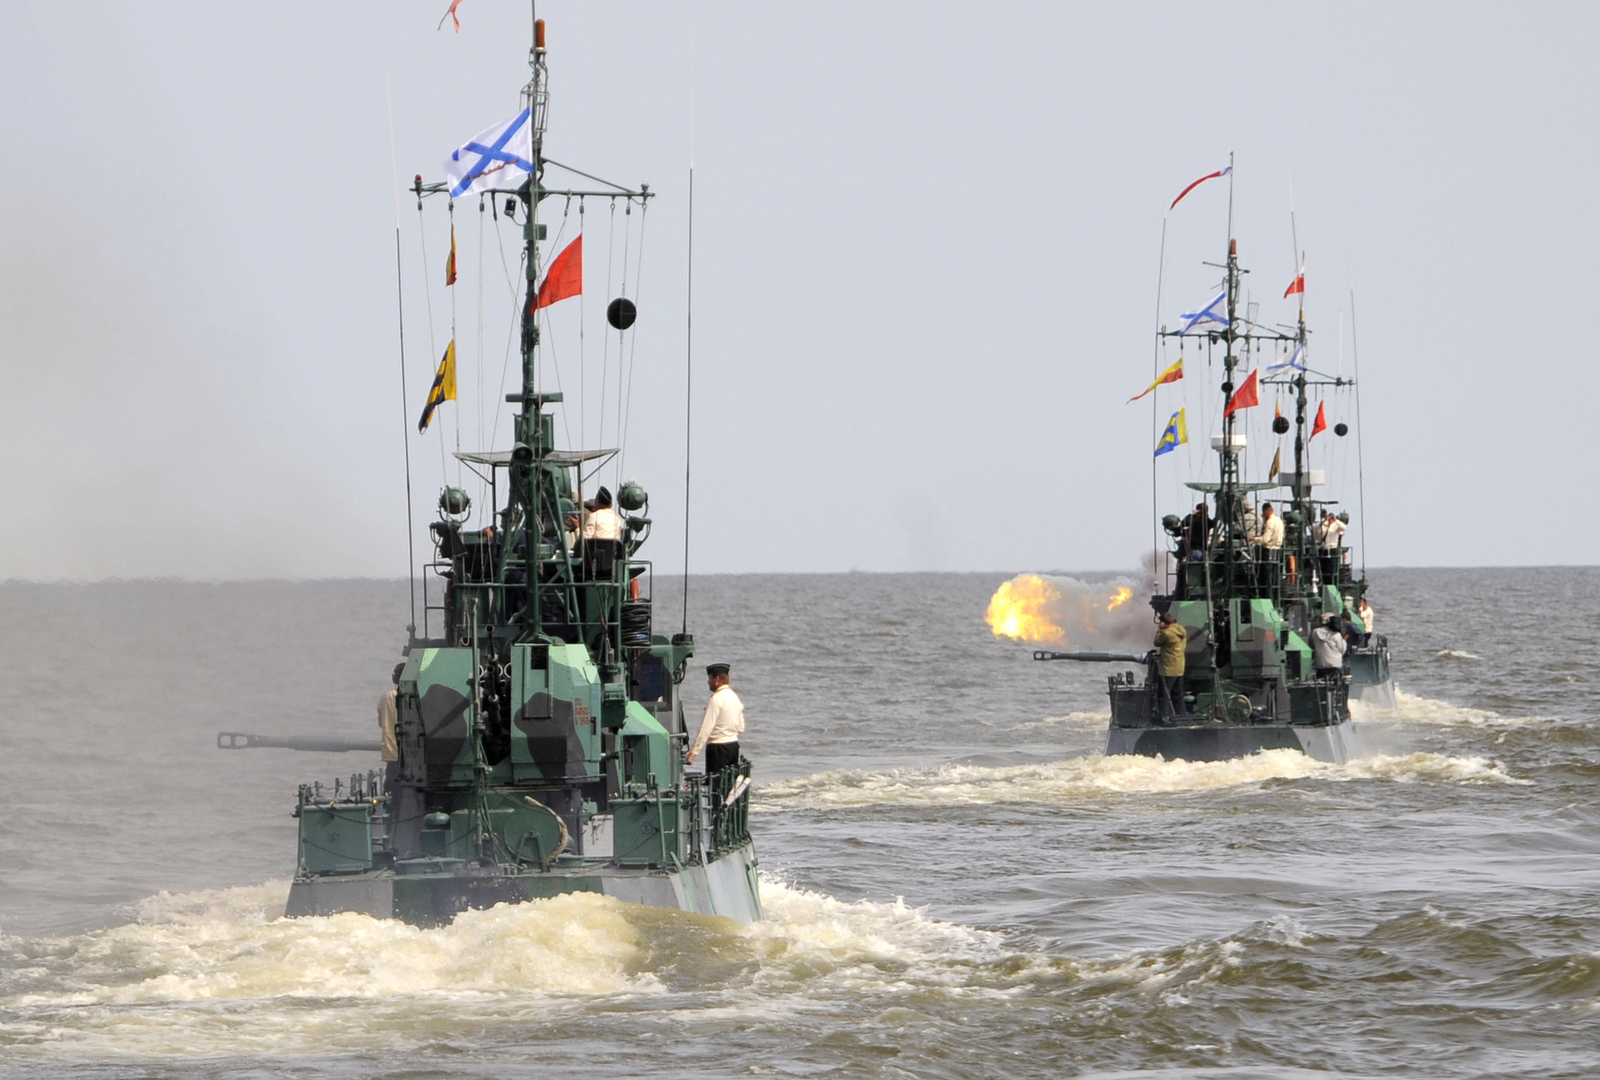 انتقال  السفن الحربية الروسية من بحر قزوين إلى البحر الأسود